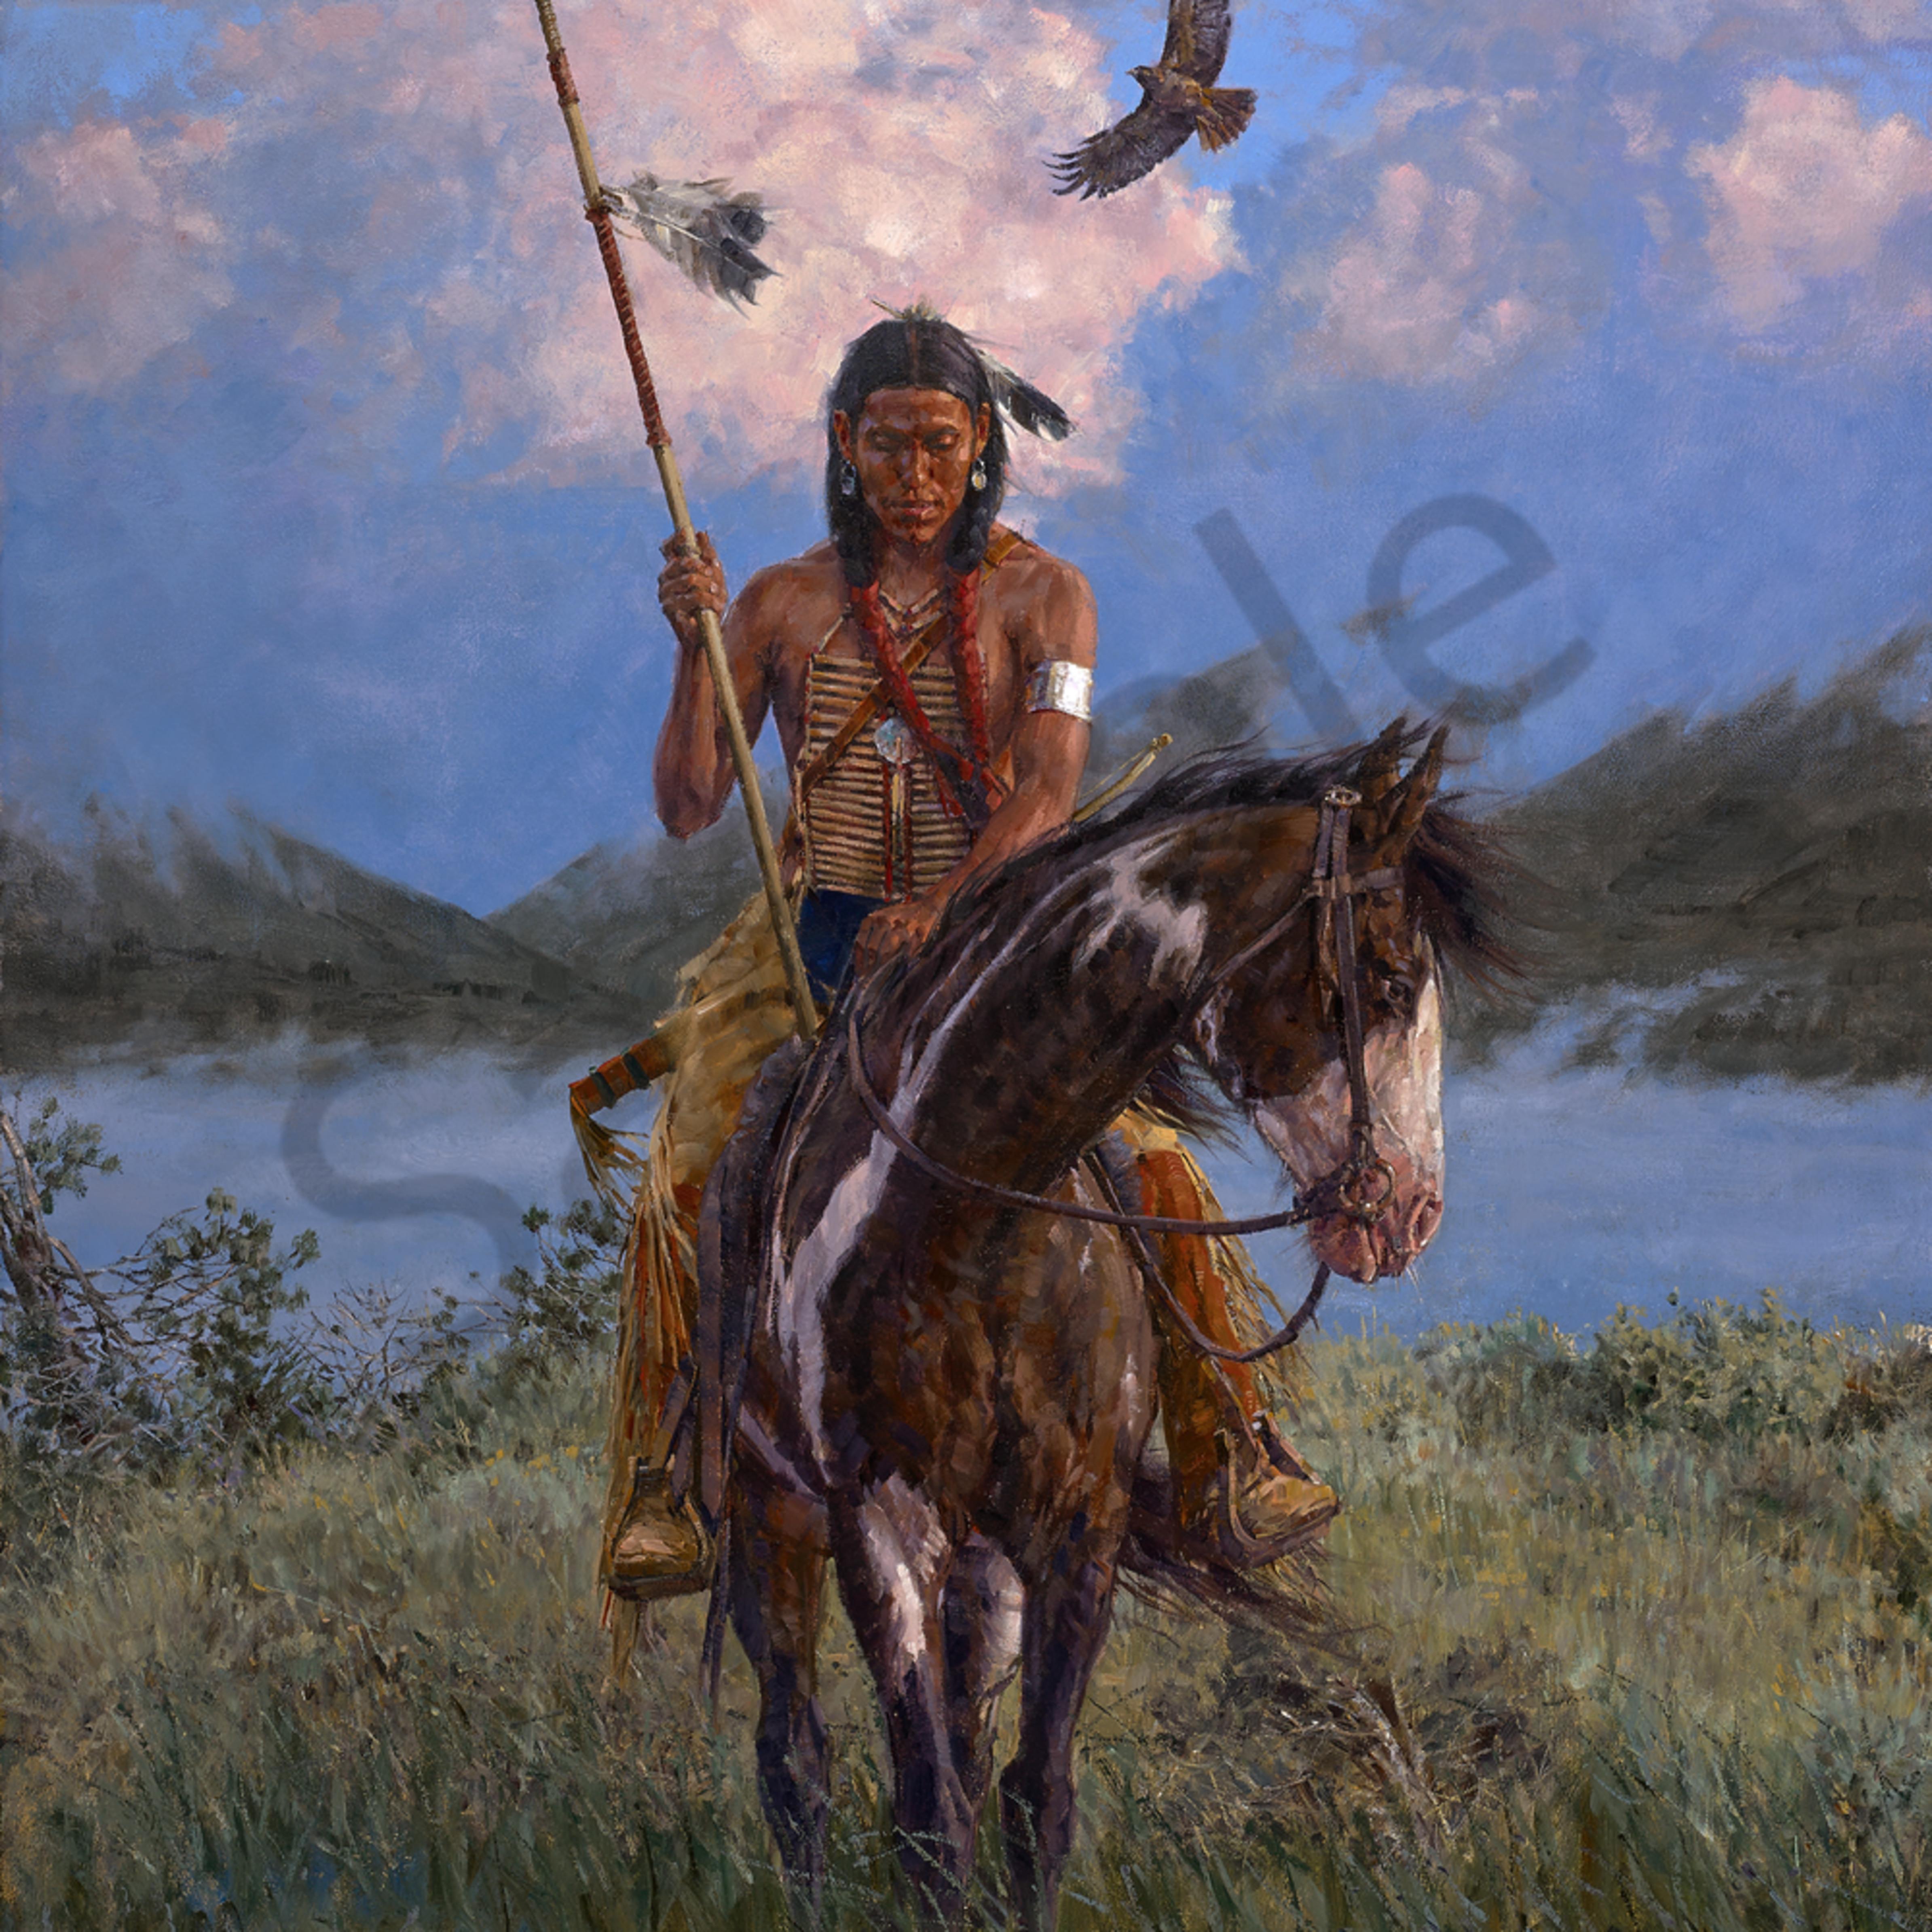 Mythic warrior copy 2 q0zp0y